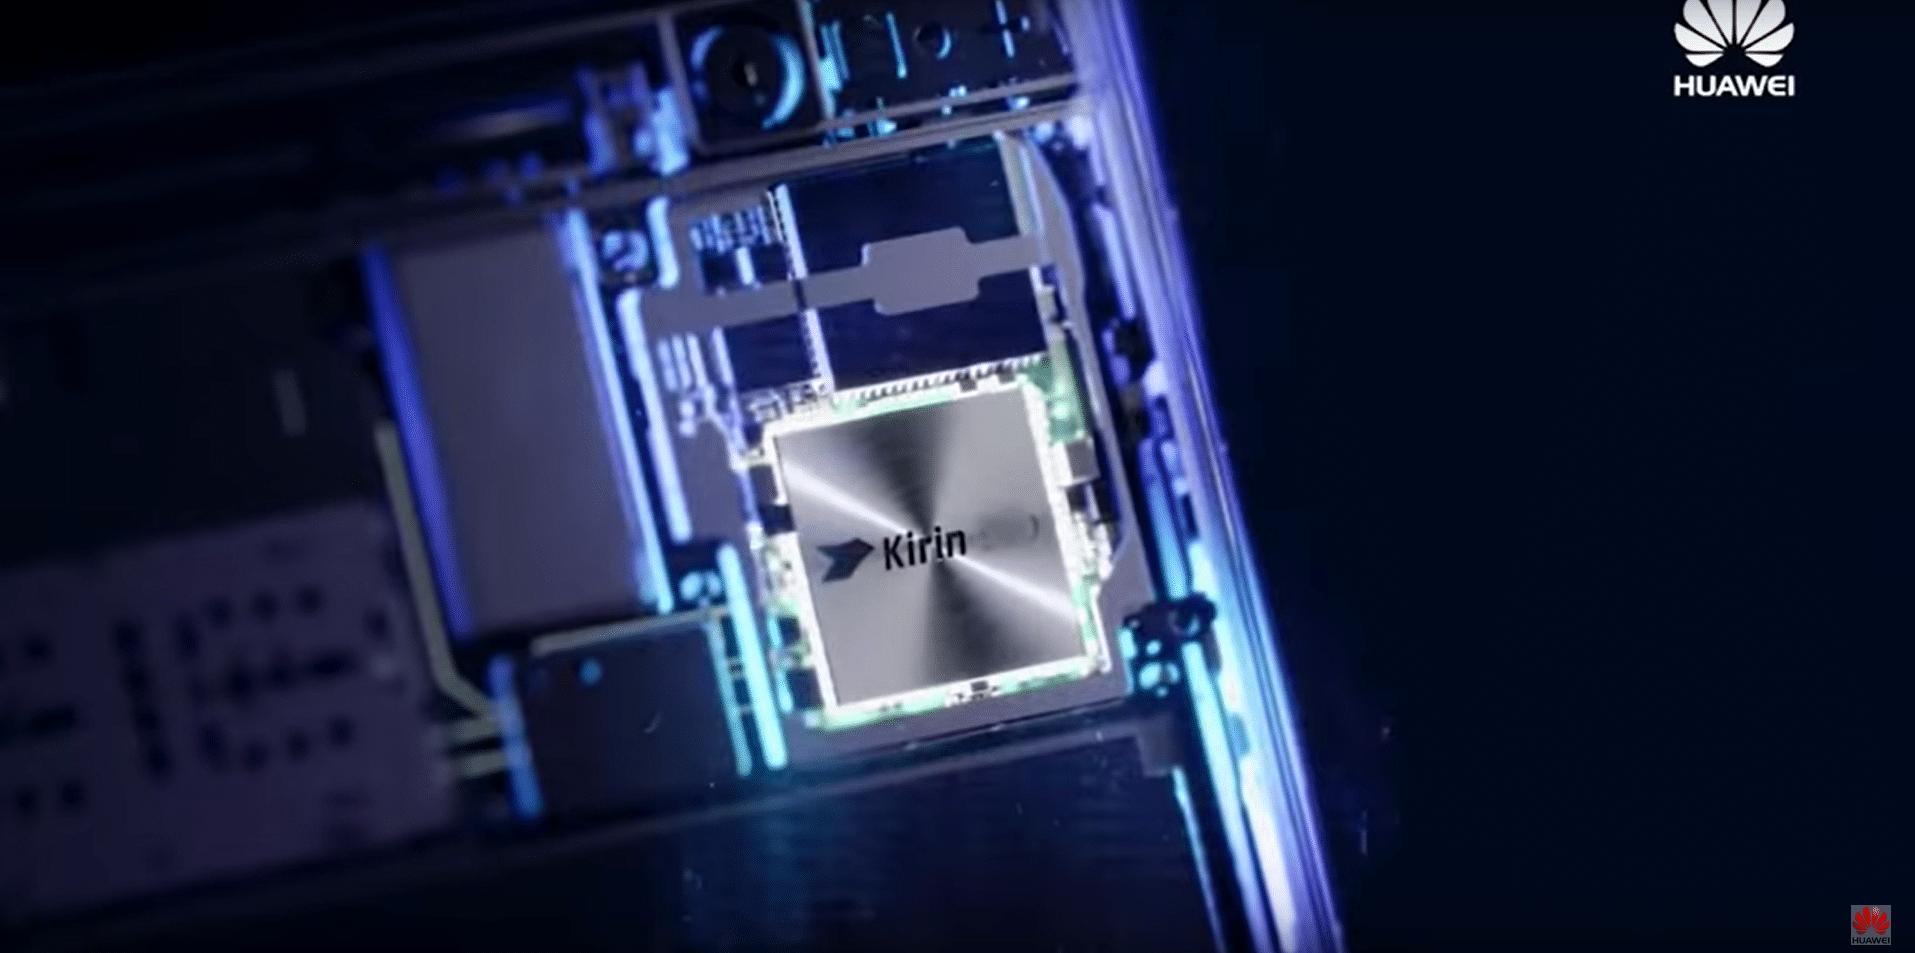 Huawei Mate 10 : un teaser vidéo épique pour le futur flagship chinois https://t.co/5k34z9bn80